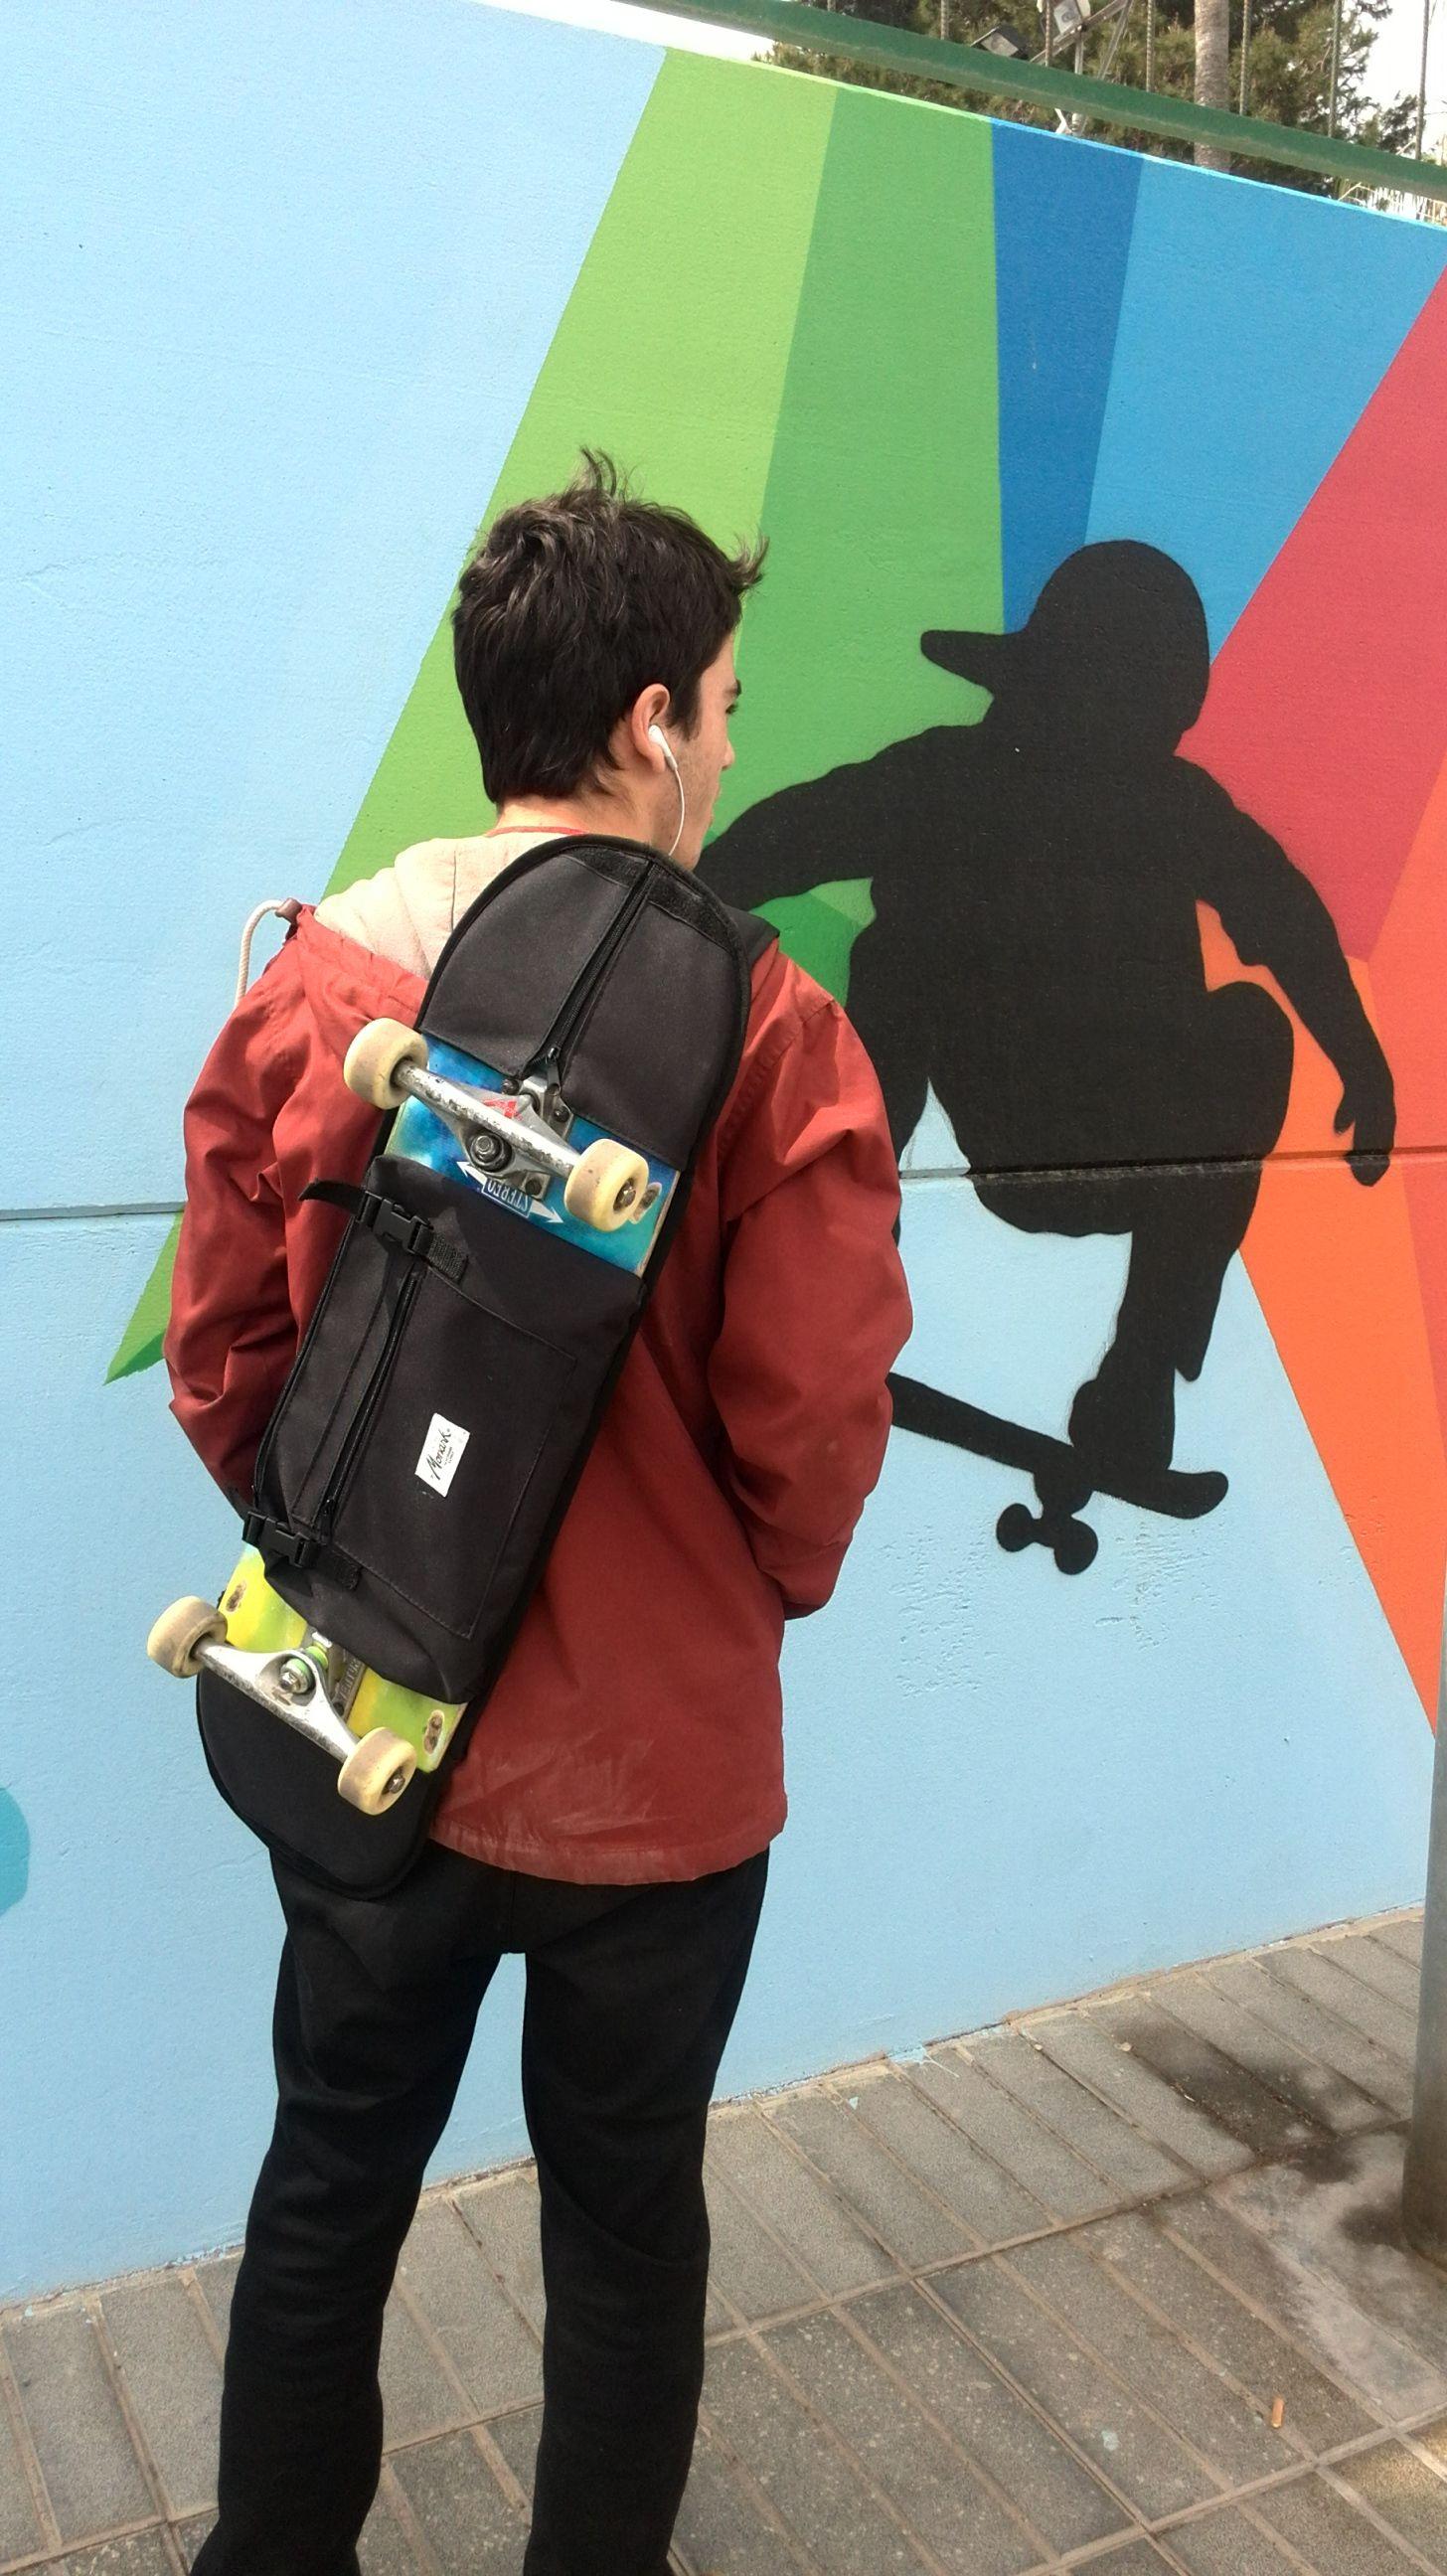 Skateboard Backpacks Have Secure Straps To Hold Your Skateboard Skateboard Backpack Backpacks Skateboard